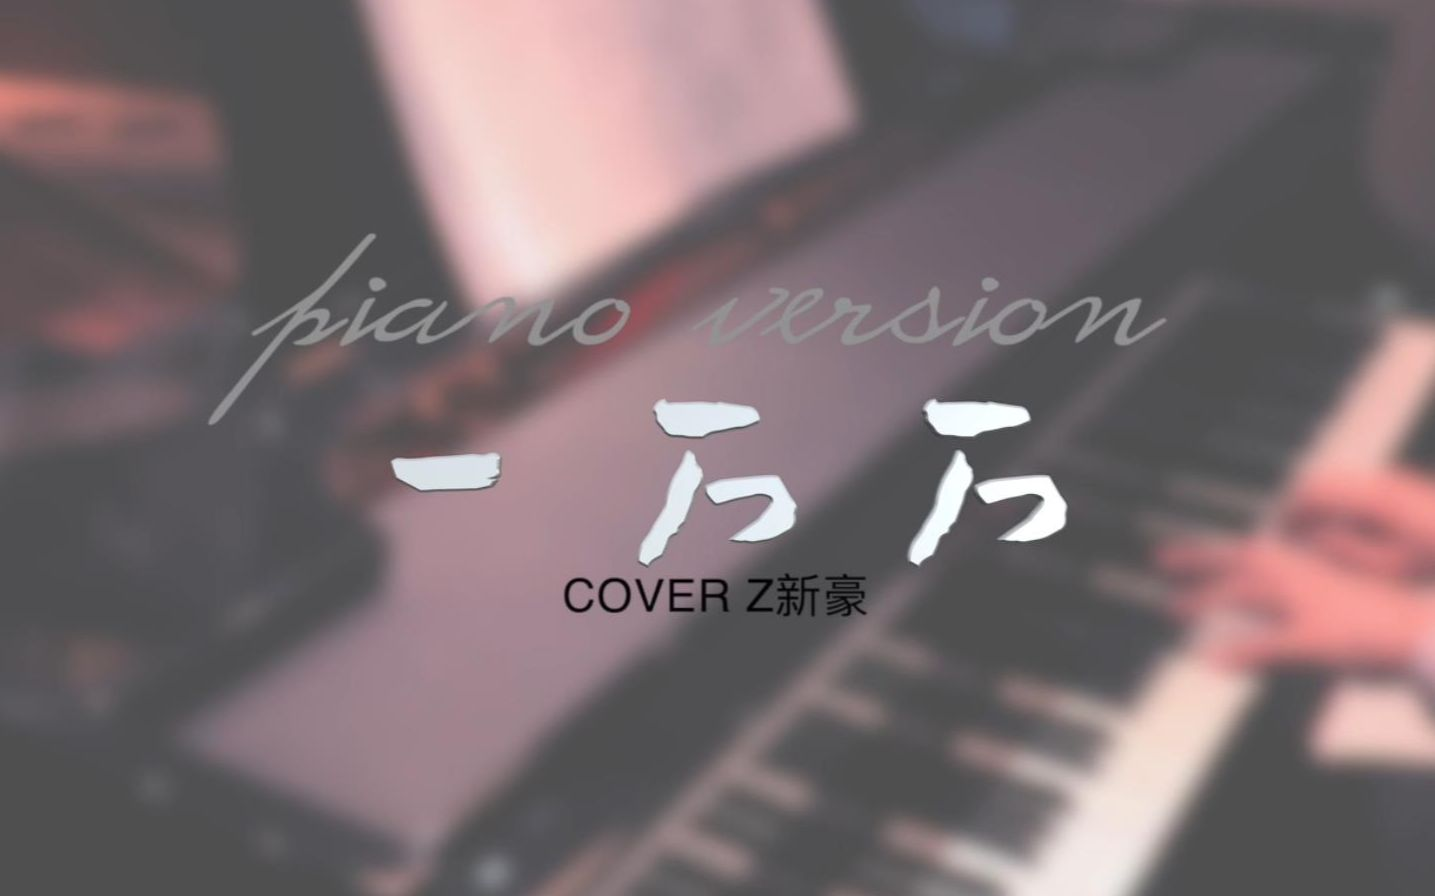 【昼夜钢琴】一万万_哔哩哔哩 (゜...